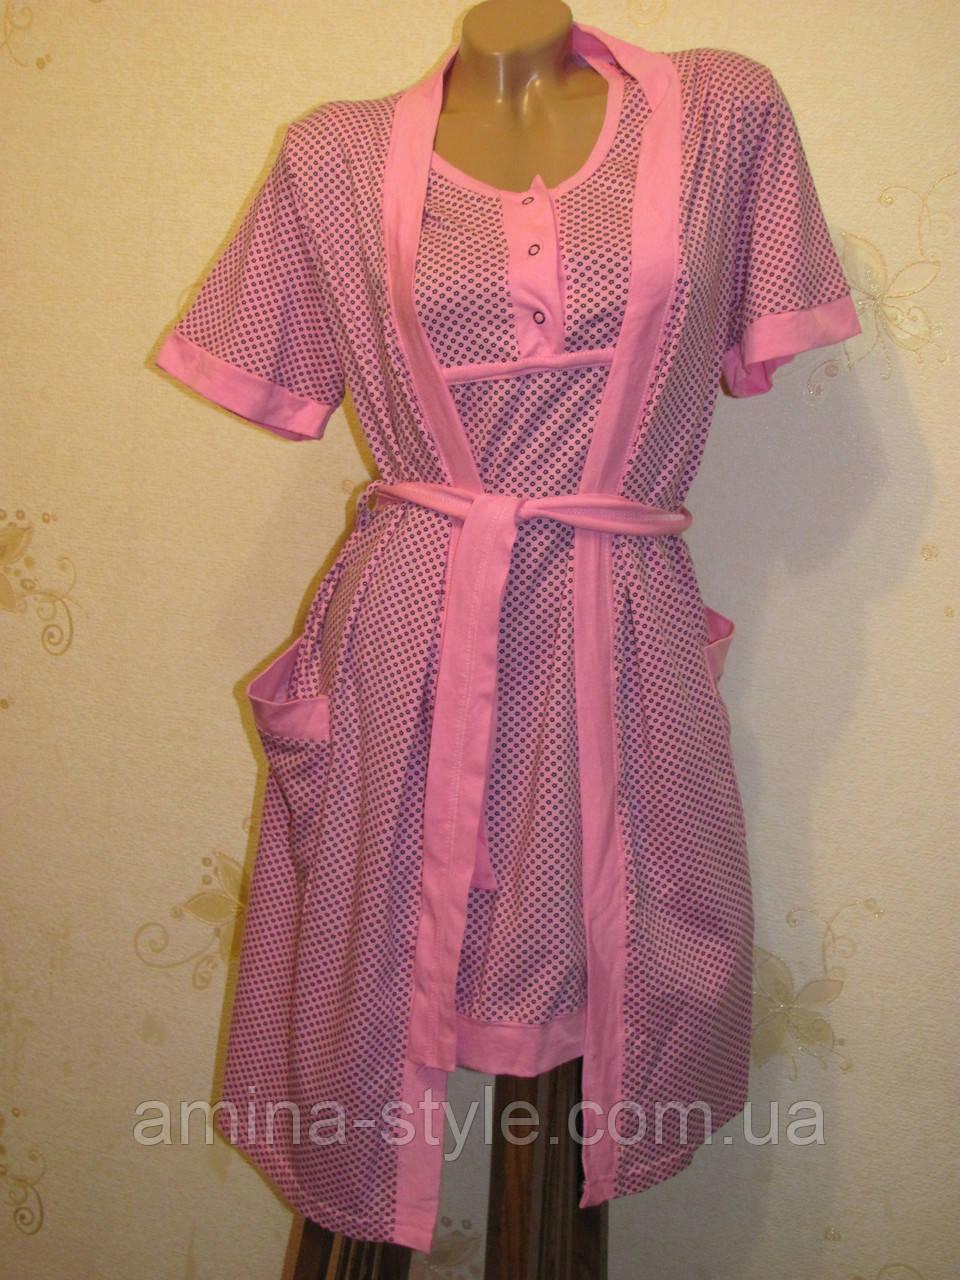 Женский набор - халат и ночная рубашка для беременных и кормлящих, хлопок.